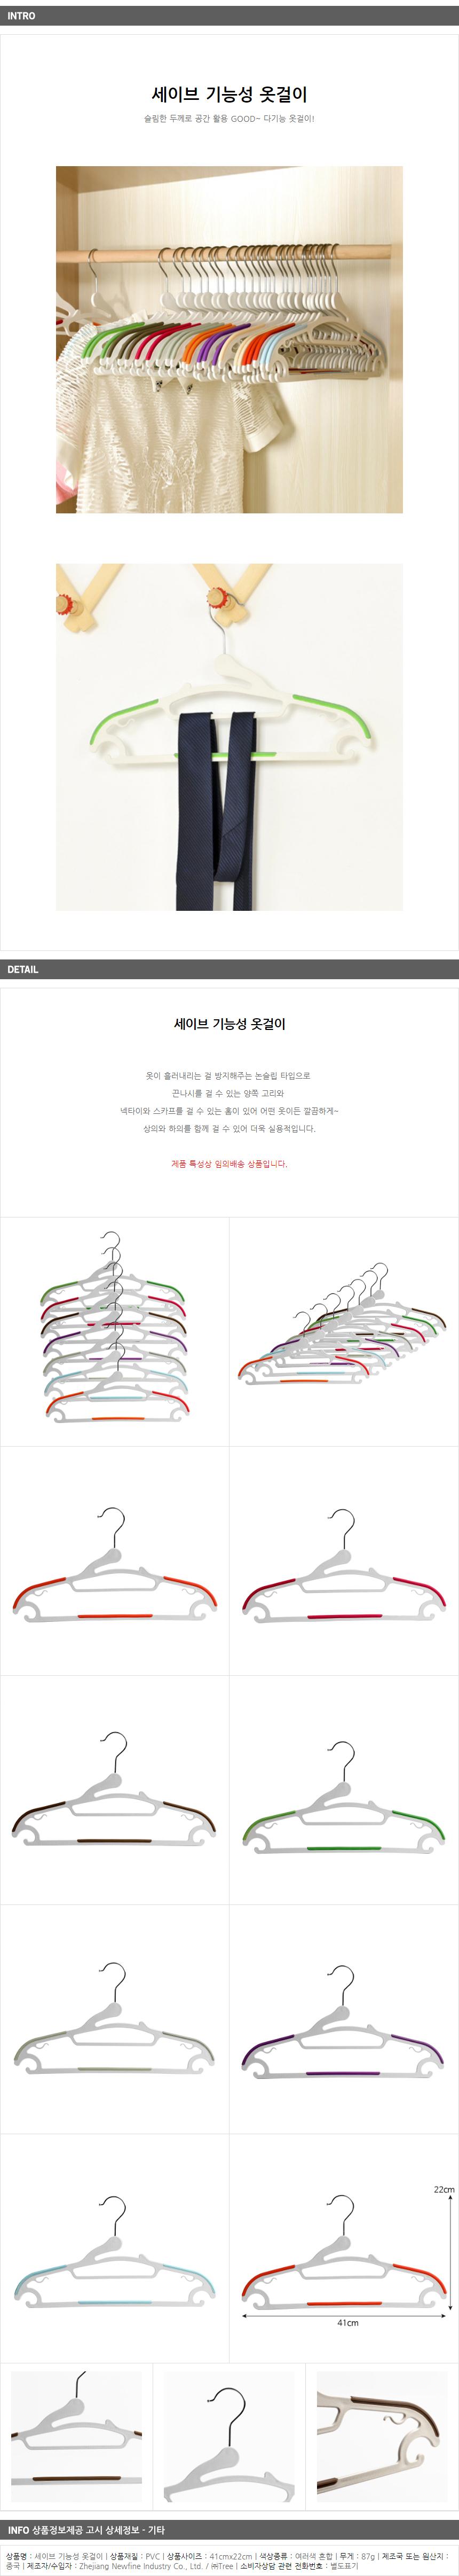 세이브 기능성 옷걸이/논슬립옷걸이 바지걸이 옷정리 - 기프트갓, 1,340원, 행거/드레스룸/옷걸이, 옷걸이/플라스틱